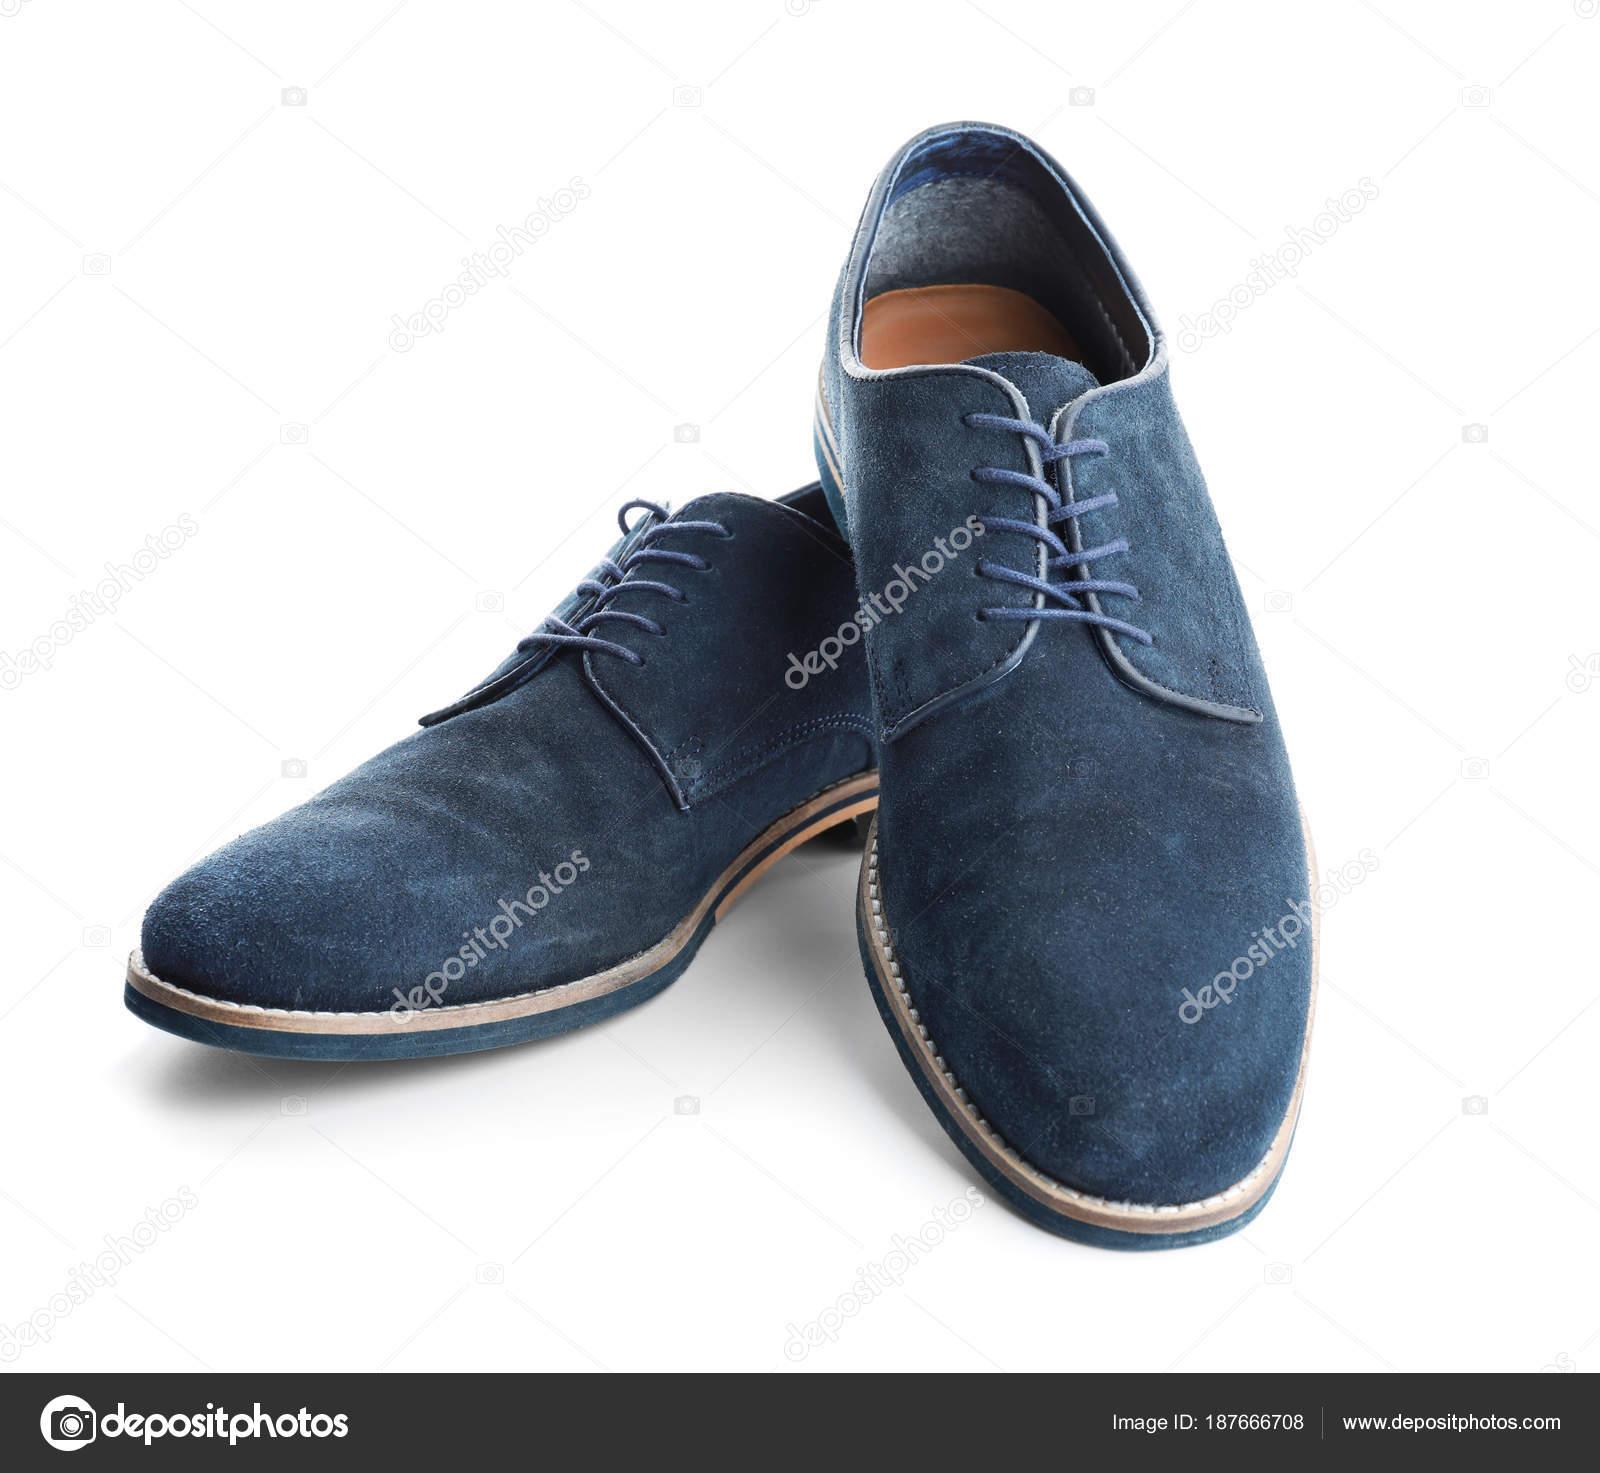 0a8d841a8d57f4 Eleganckie buty męskie — Zdjęcie stockowe © belchonock #187666708